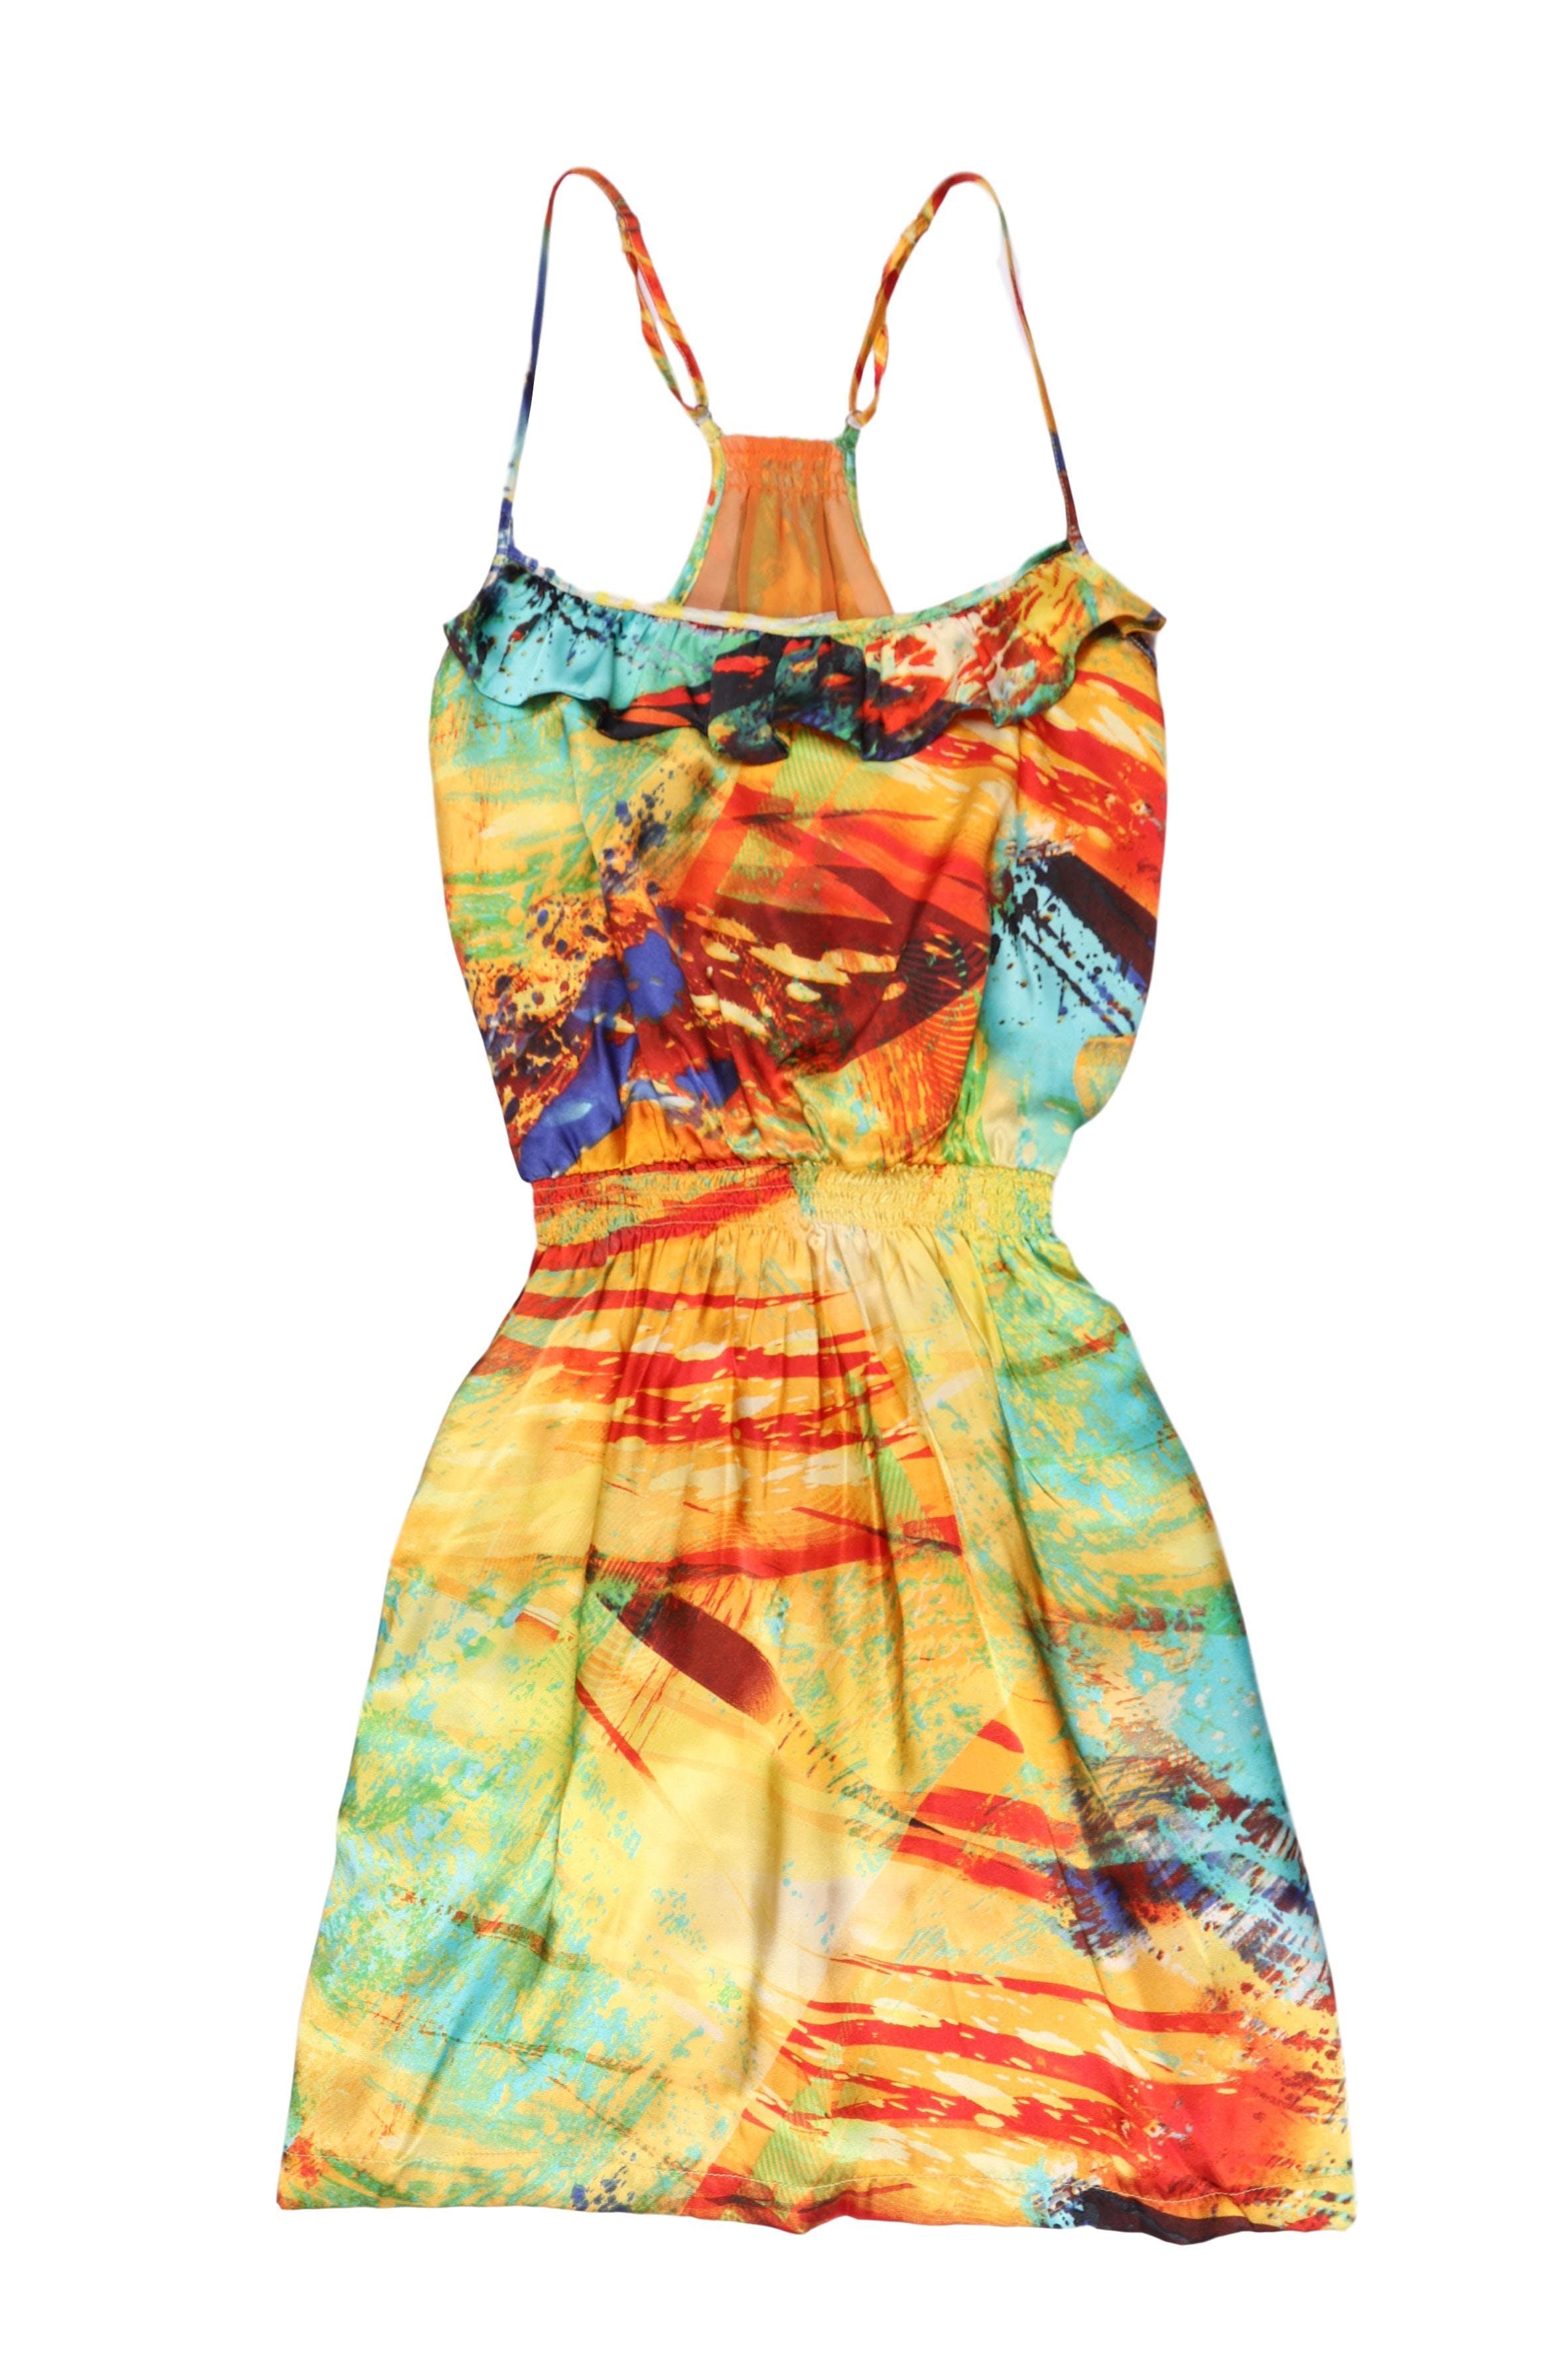 Vestido Dejavu de tela satinada multicolor, volante en el pecho, panal de abeja en la cintura y falda con bolsillos, lleva forro. Busto 90cm Largo 85cm